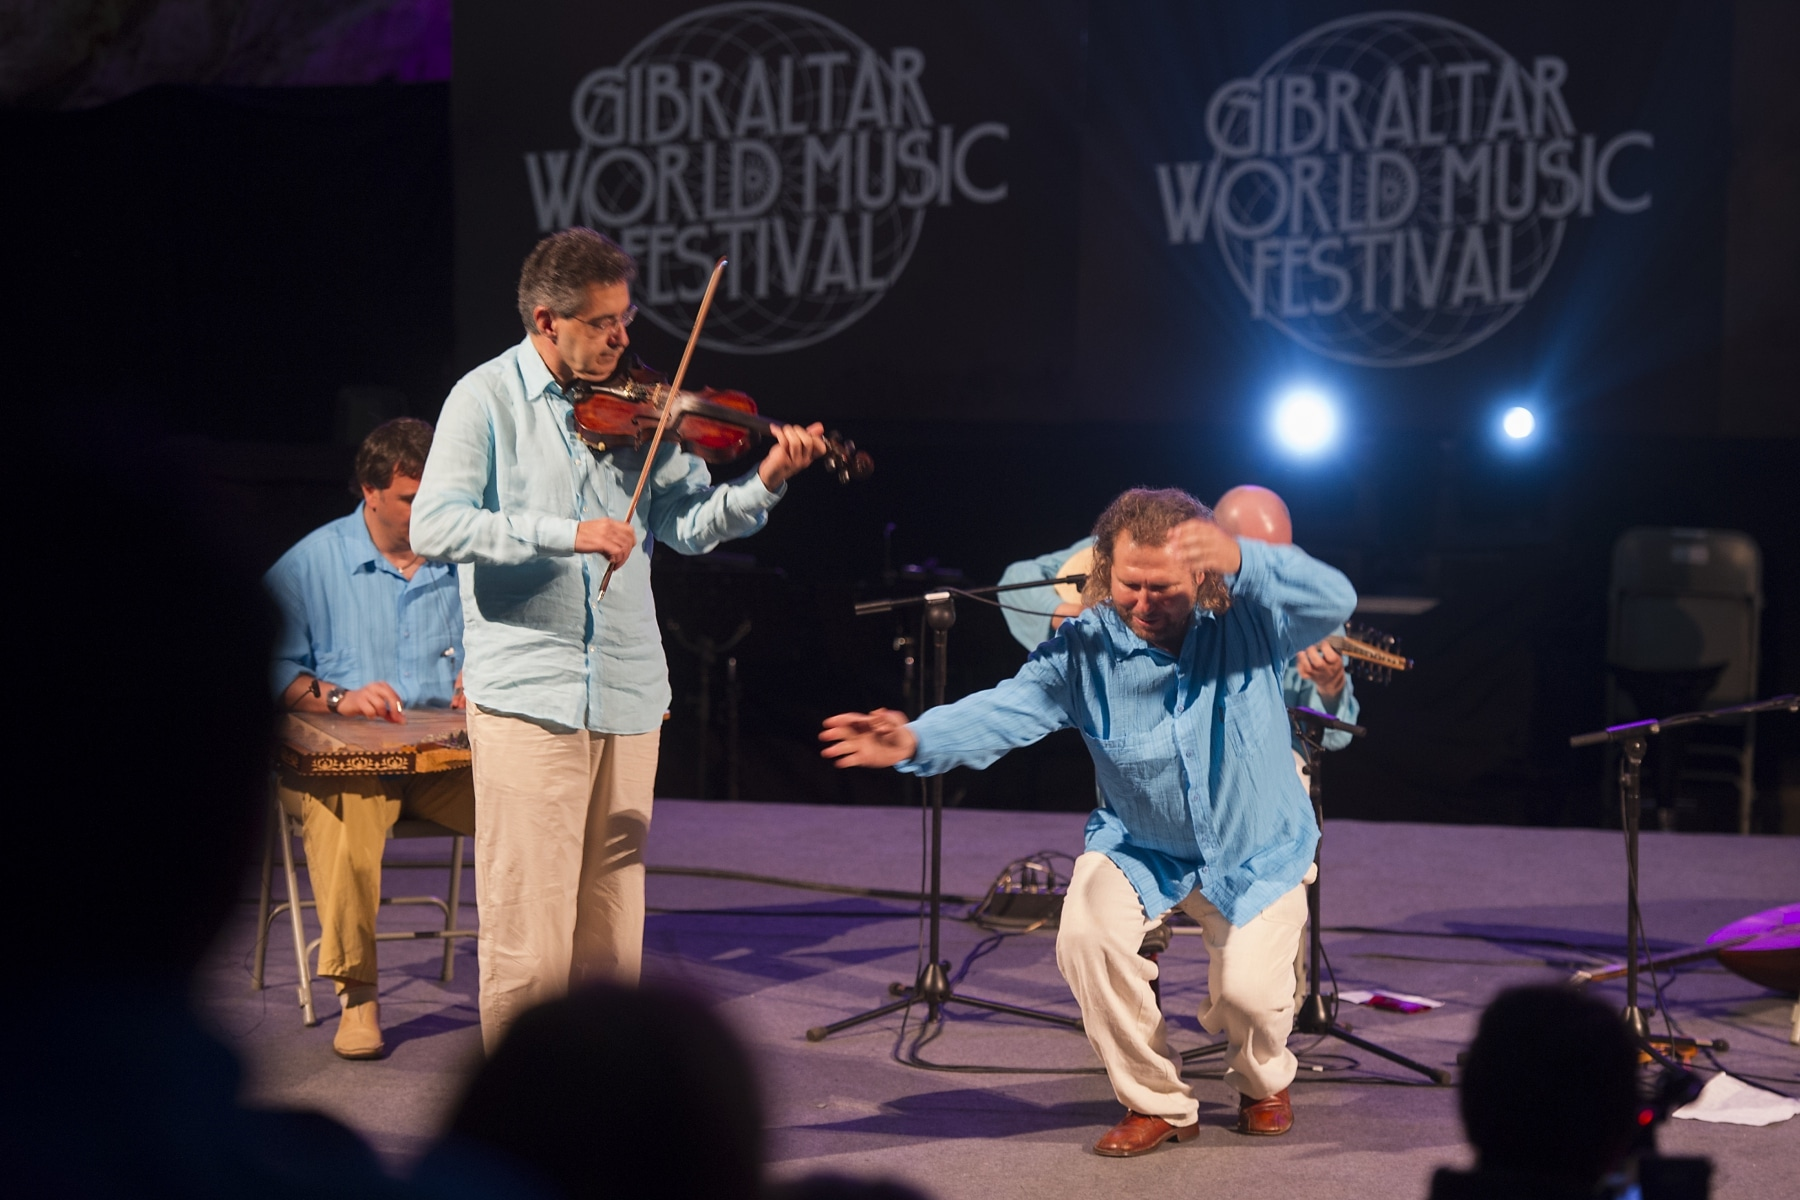 gibraltar-world-music-festival-dia-1-en-chordais-10_9225438258_o